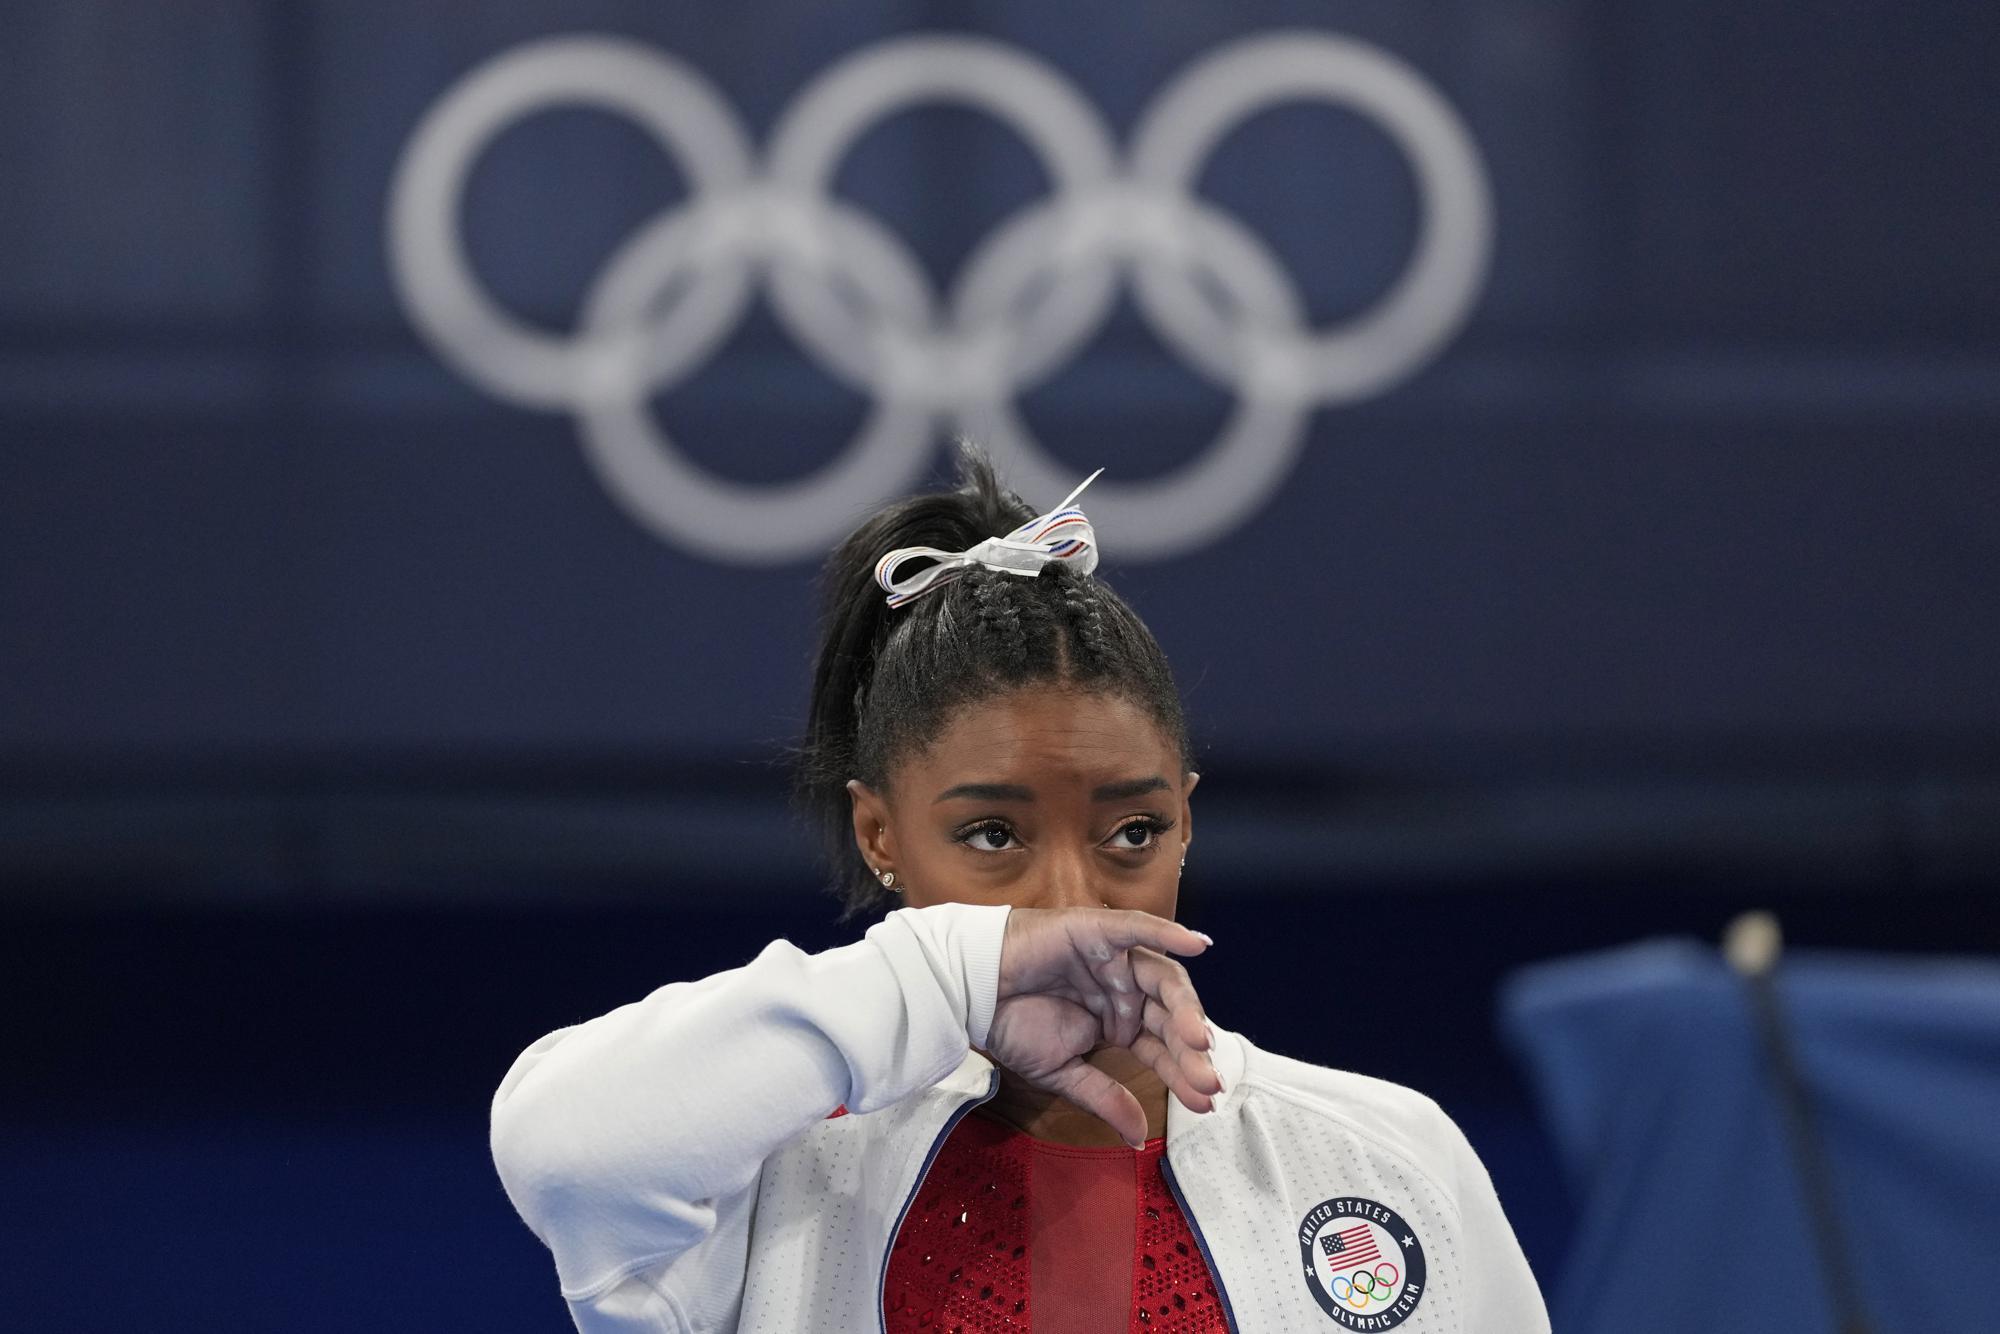 """Những hình ảnh """"trào nước mắt"""" của người chiến thắng, kẻ chiến bại tại Olympic Tokyo 2020 - Ảnh 3."""